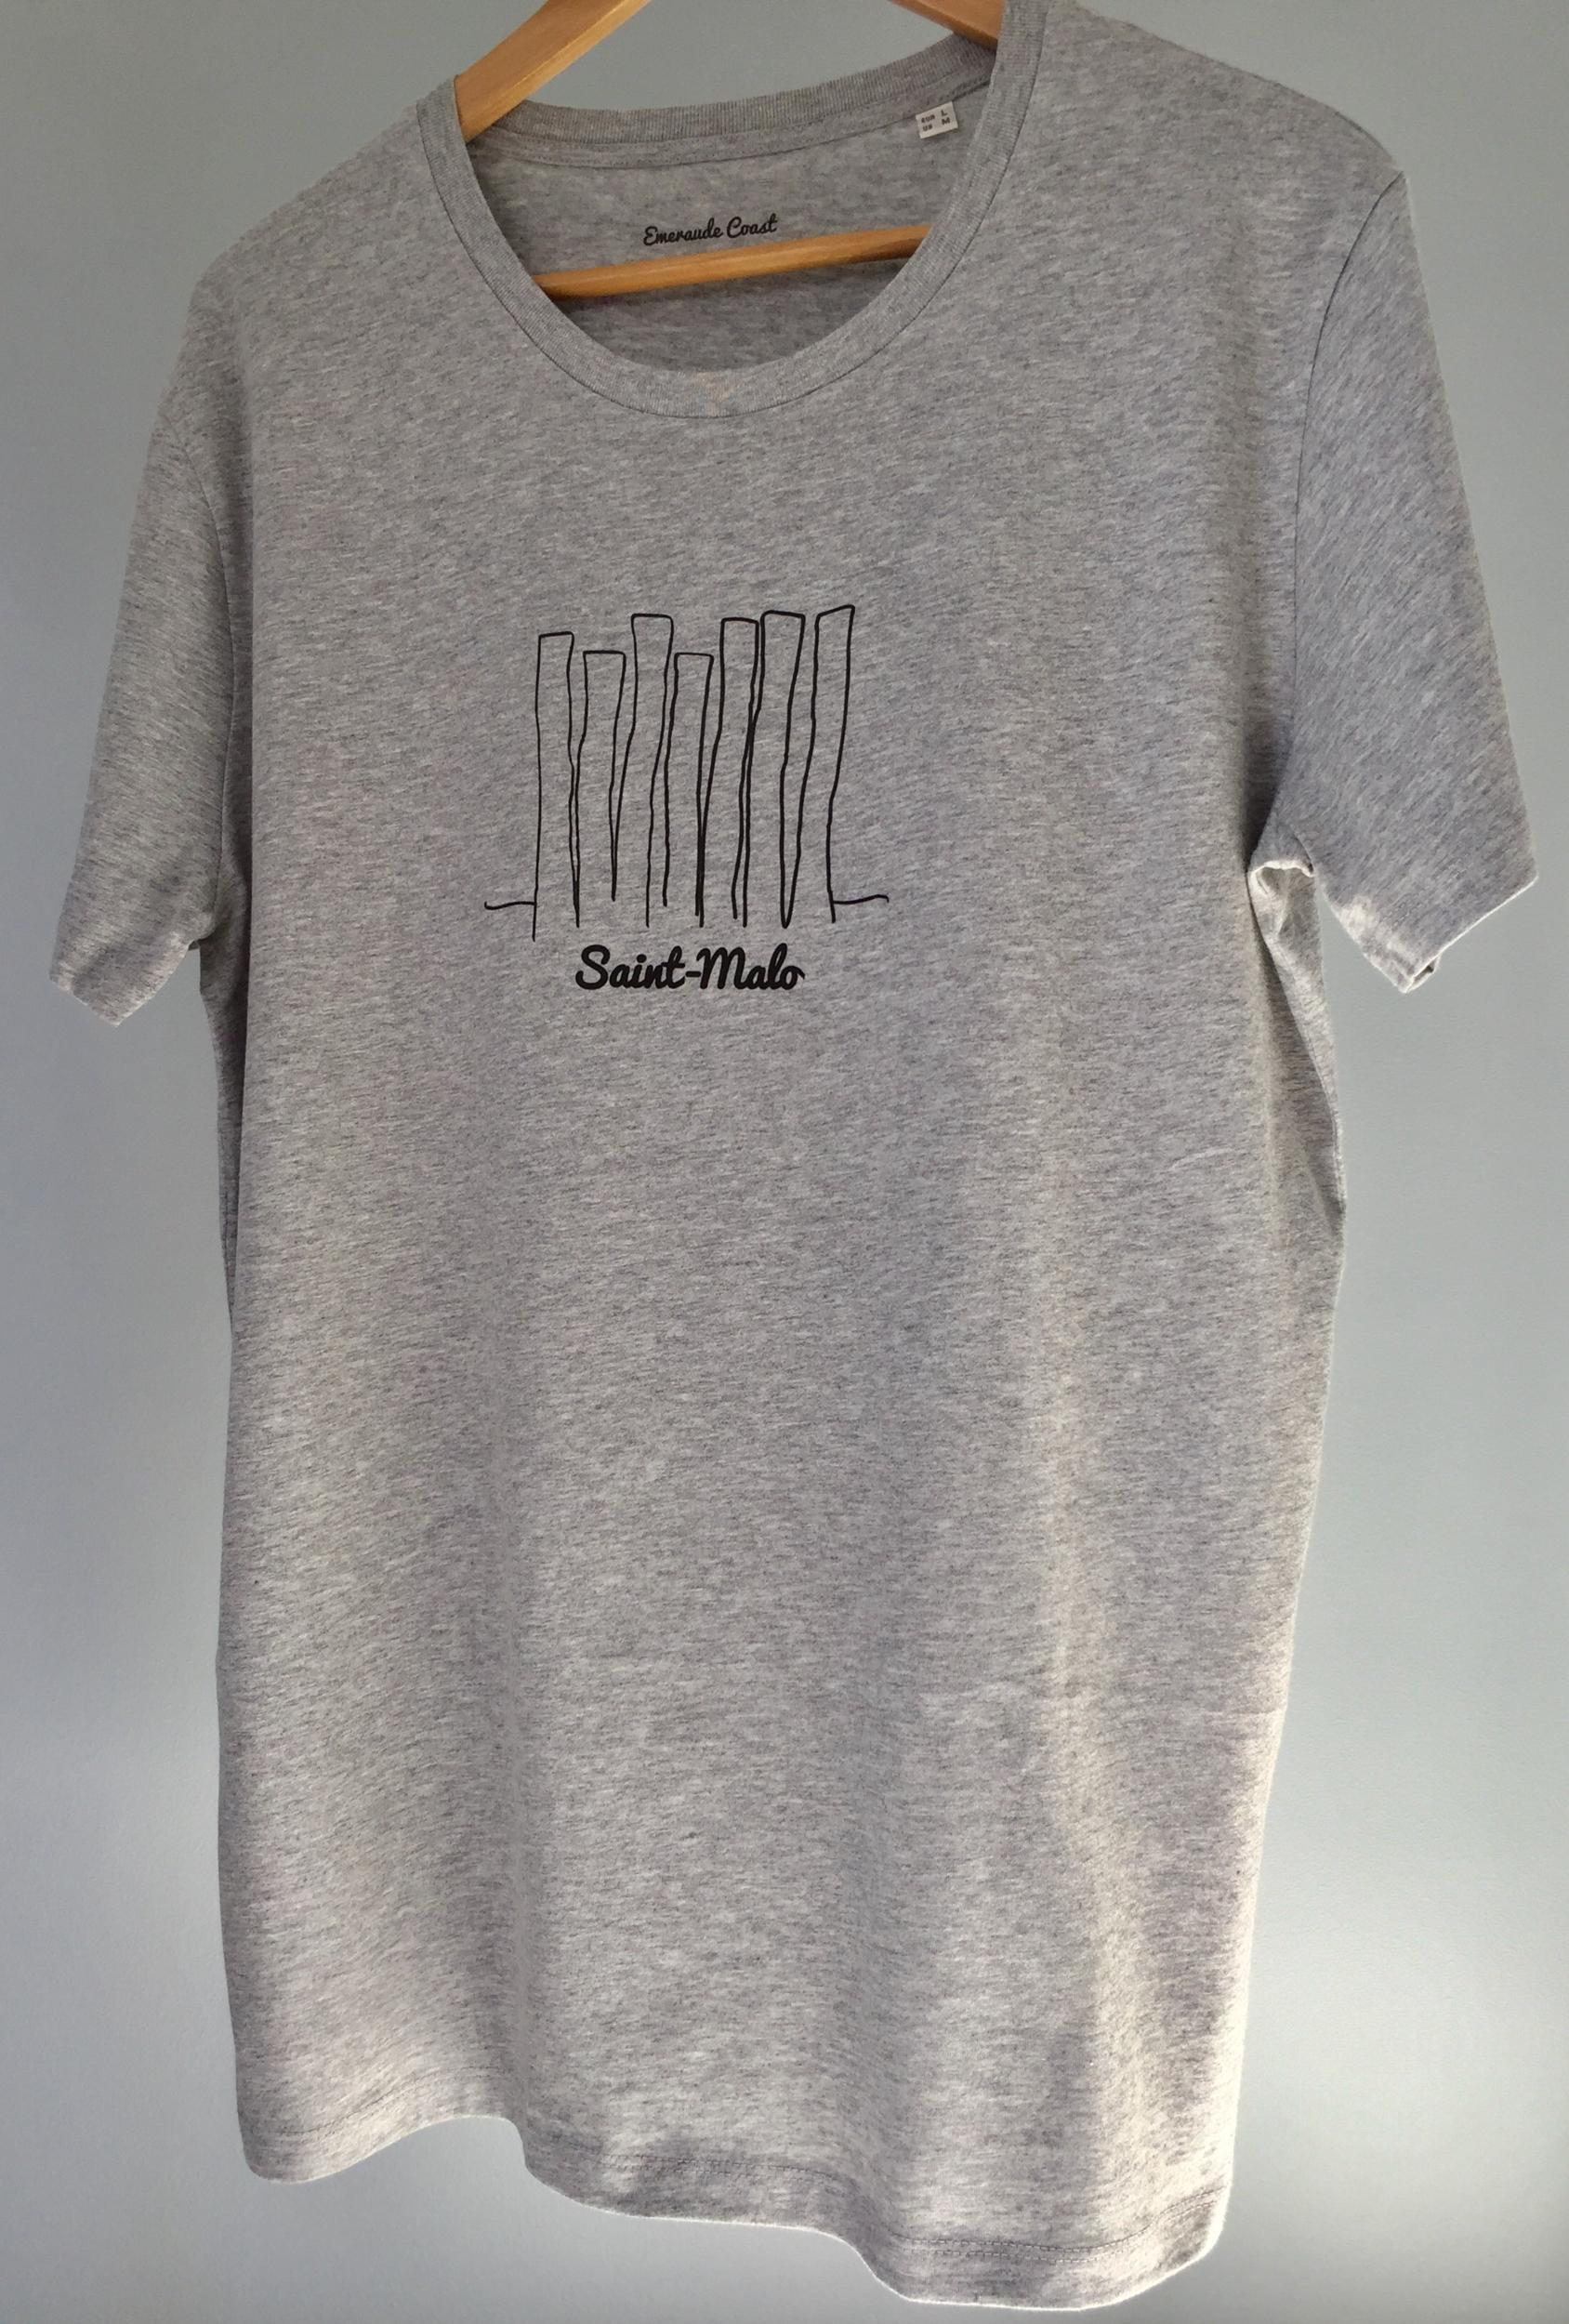 T-shirt Bio Homme Saint-Malo Brise Lames